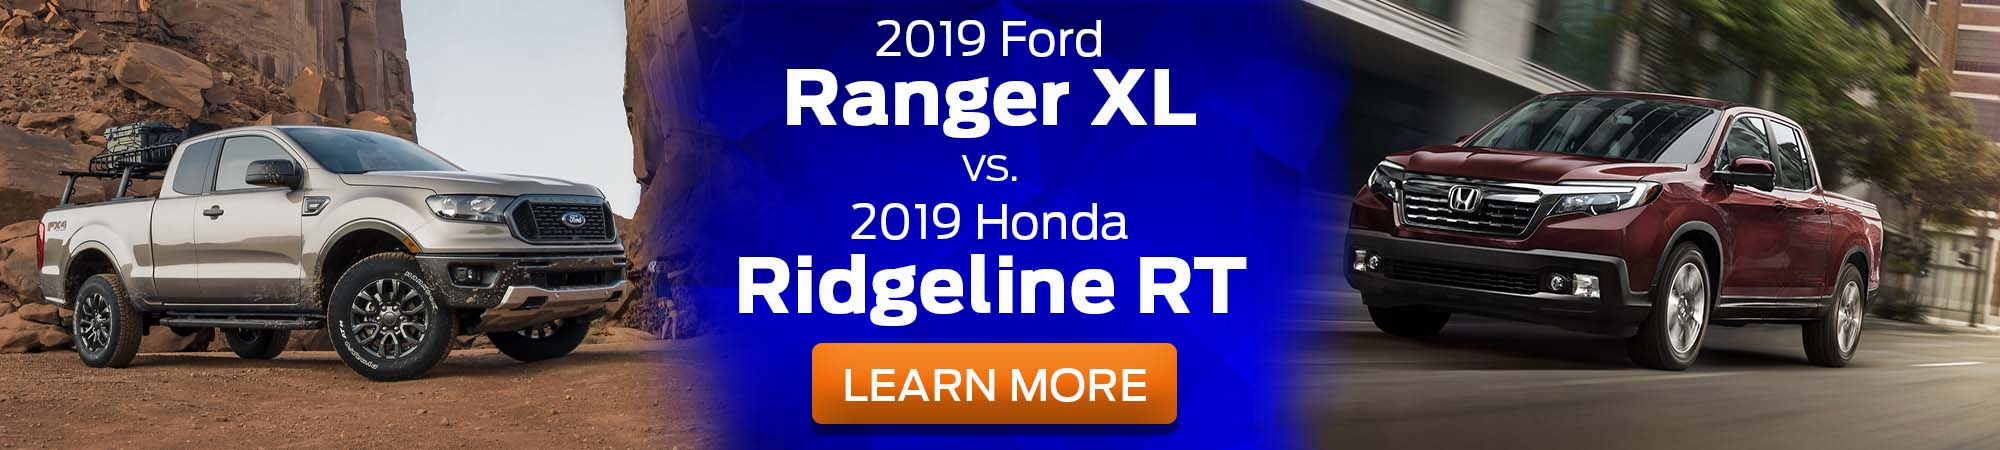 2019 Ford Ranger XL v 2019 Honda Ridgeline RT